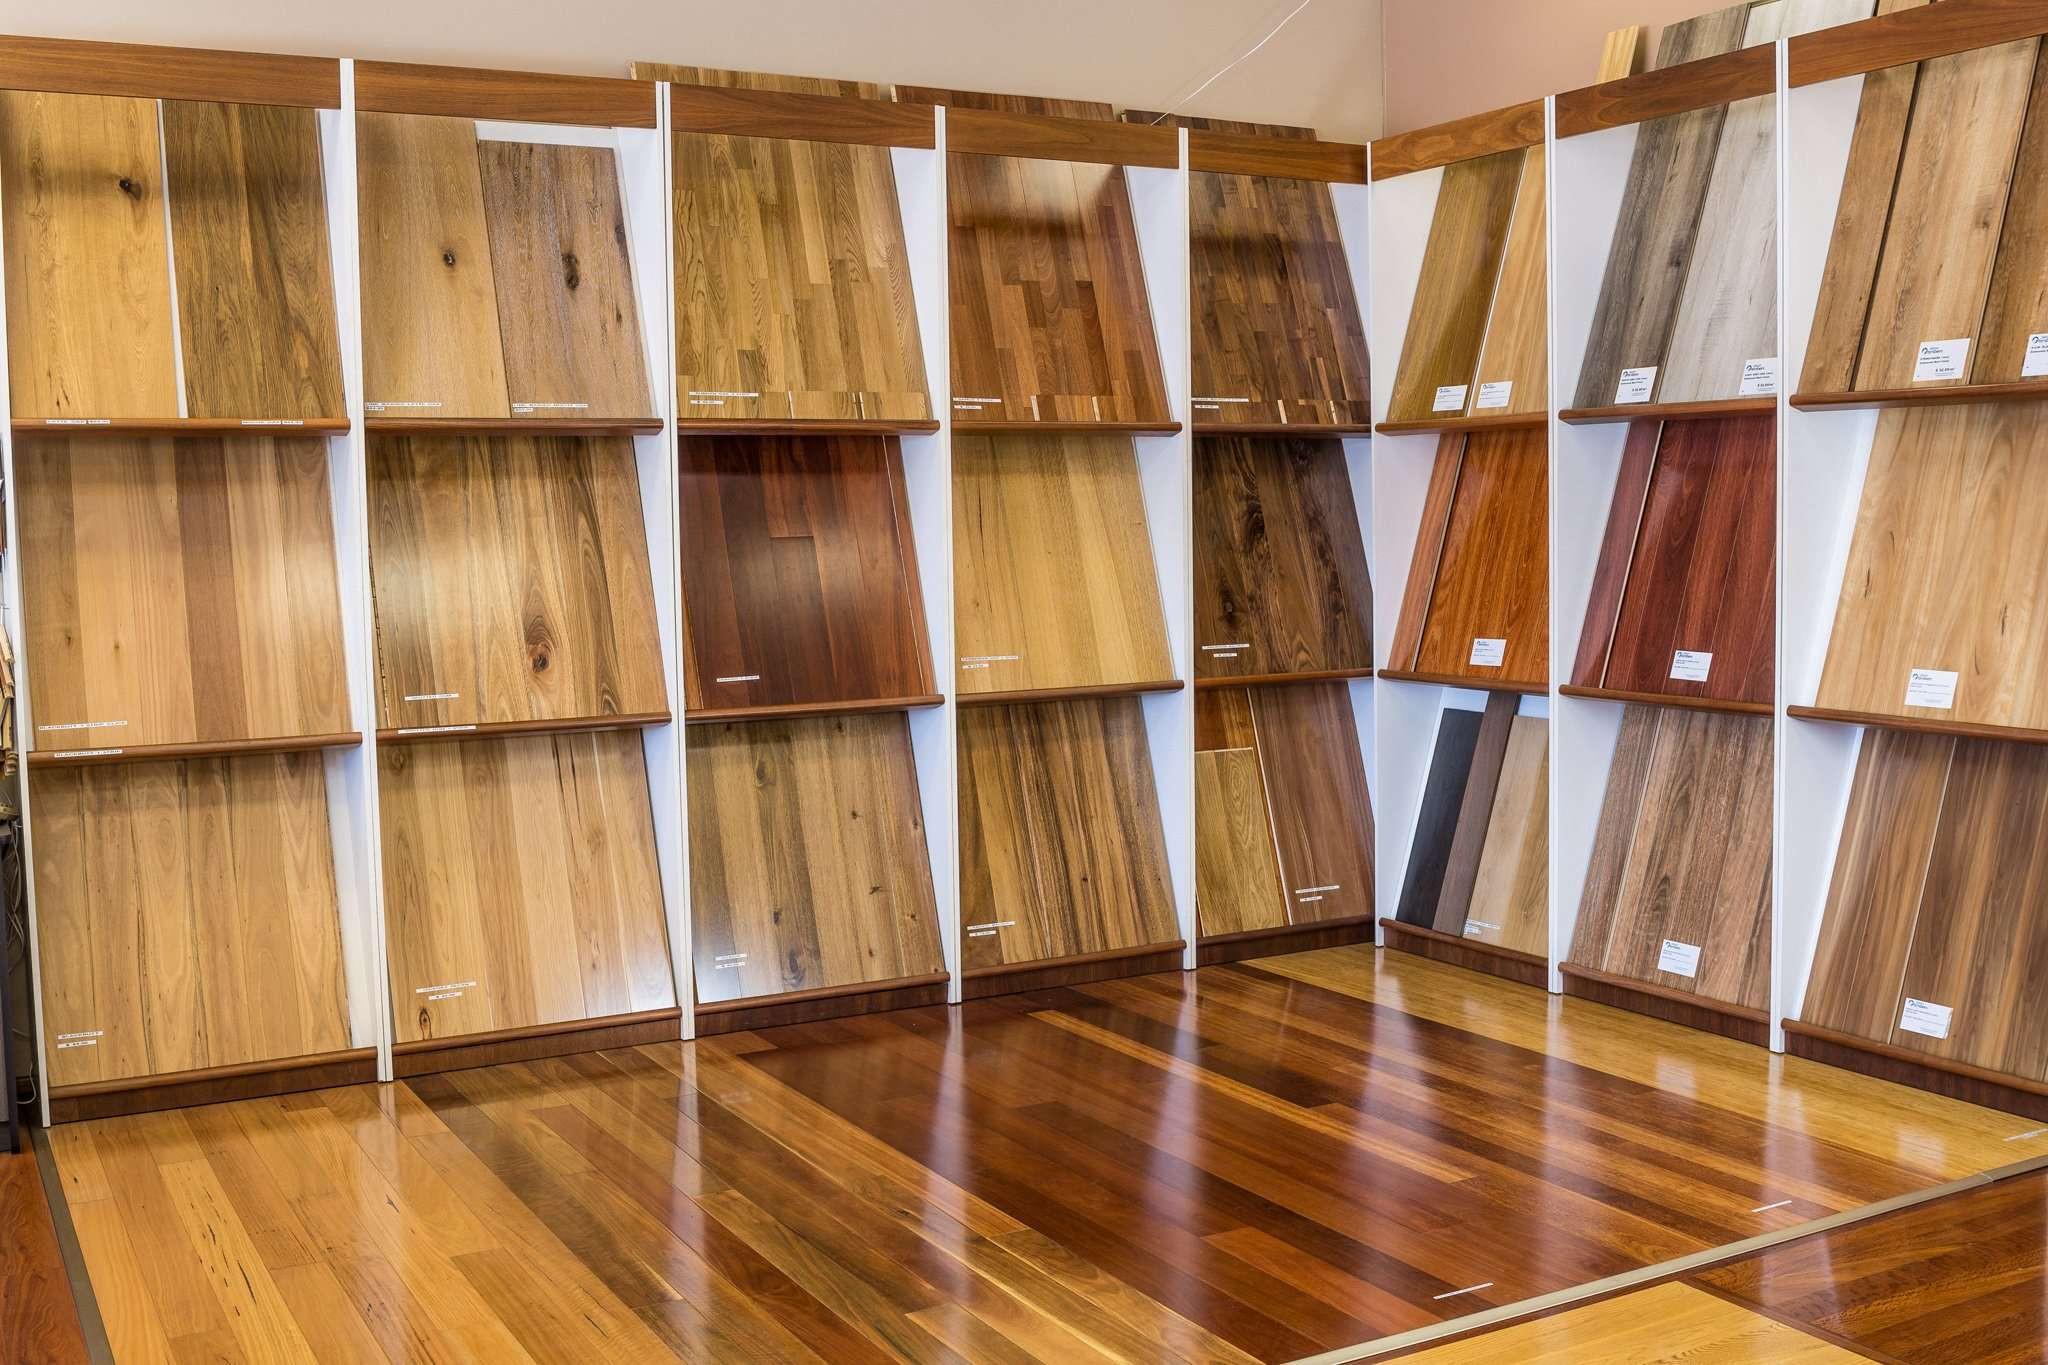 hardwood flooring cost of wood floor price lists a1 wood floors within 12mm laminate on sale 28 00 ma²